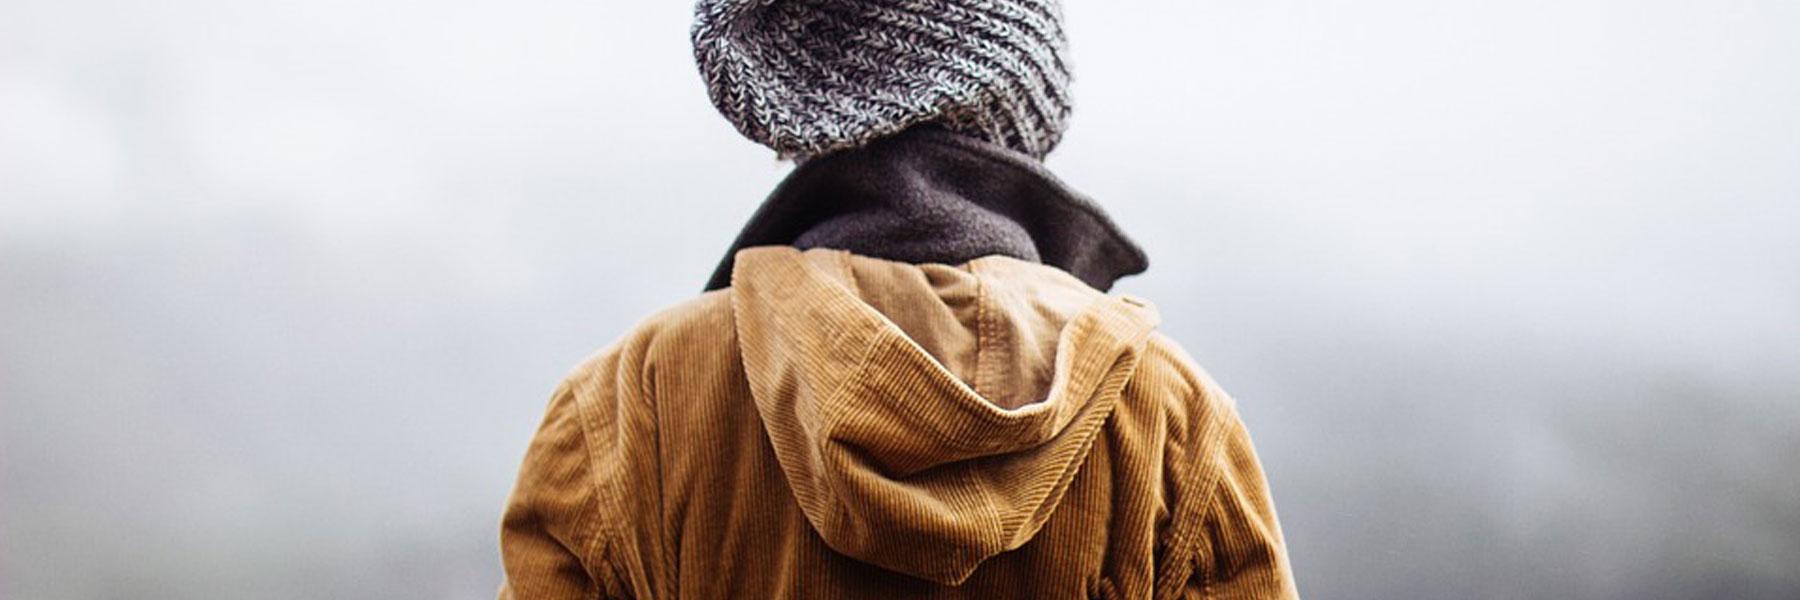 Bild_Winterjacke-Herren